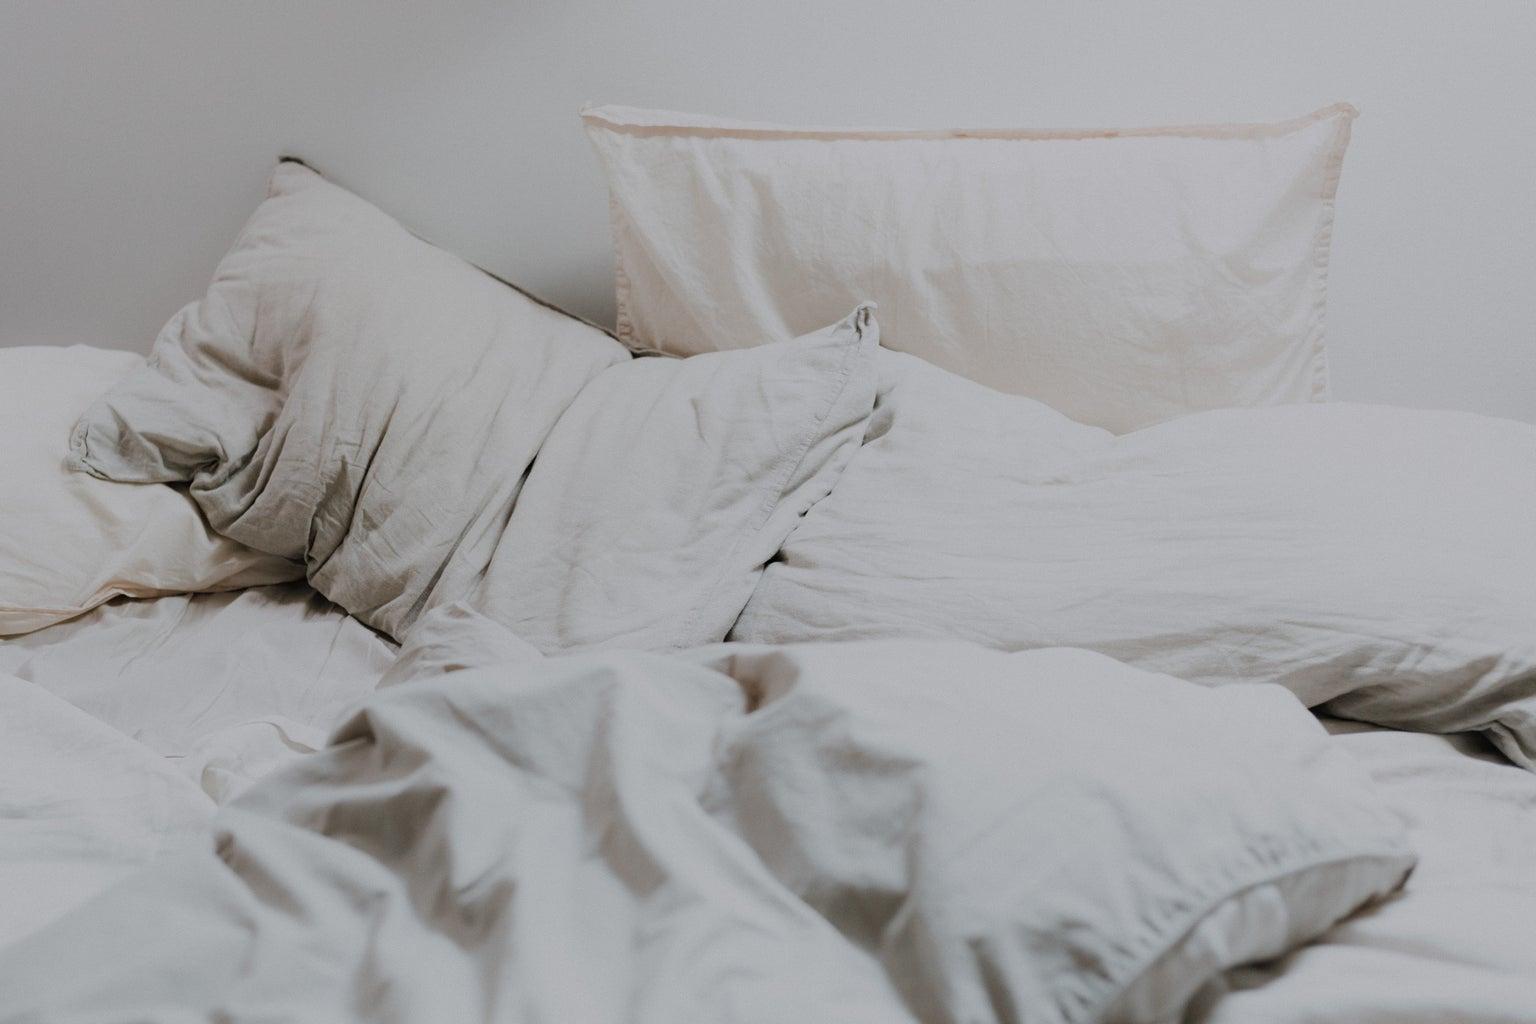 white pillows and white bedding